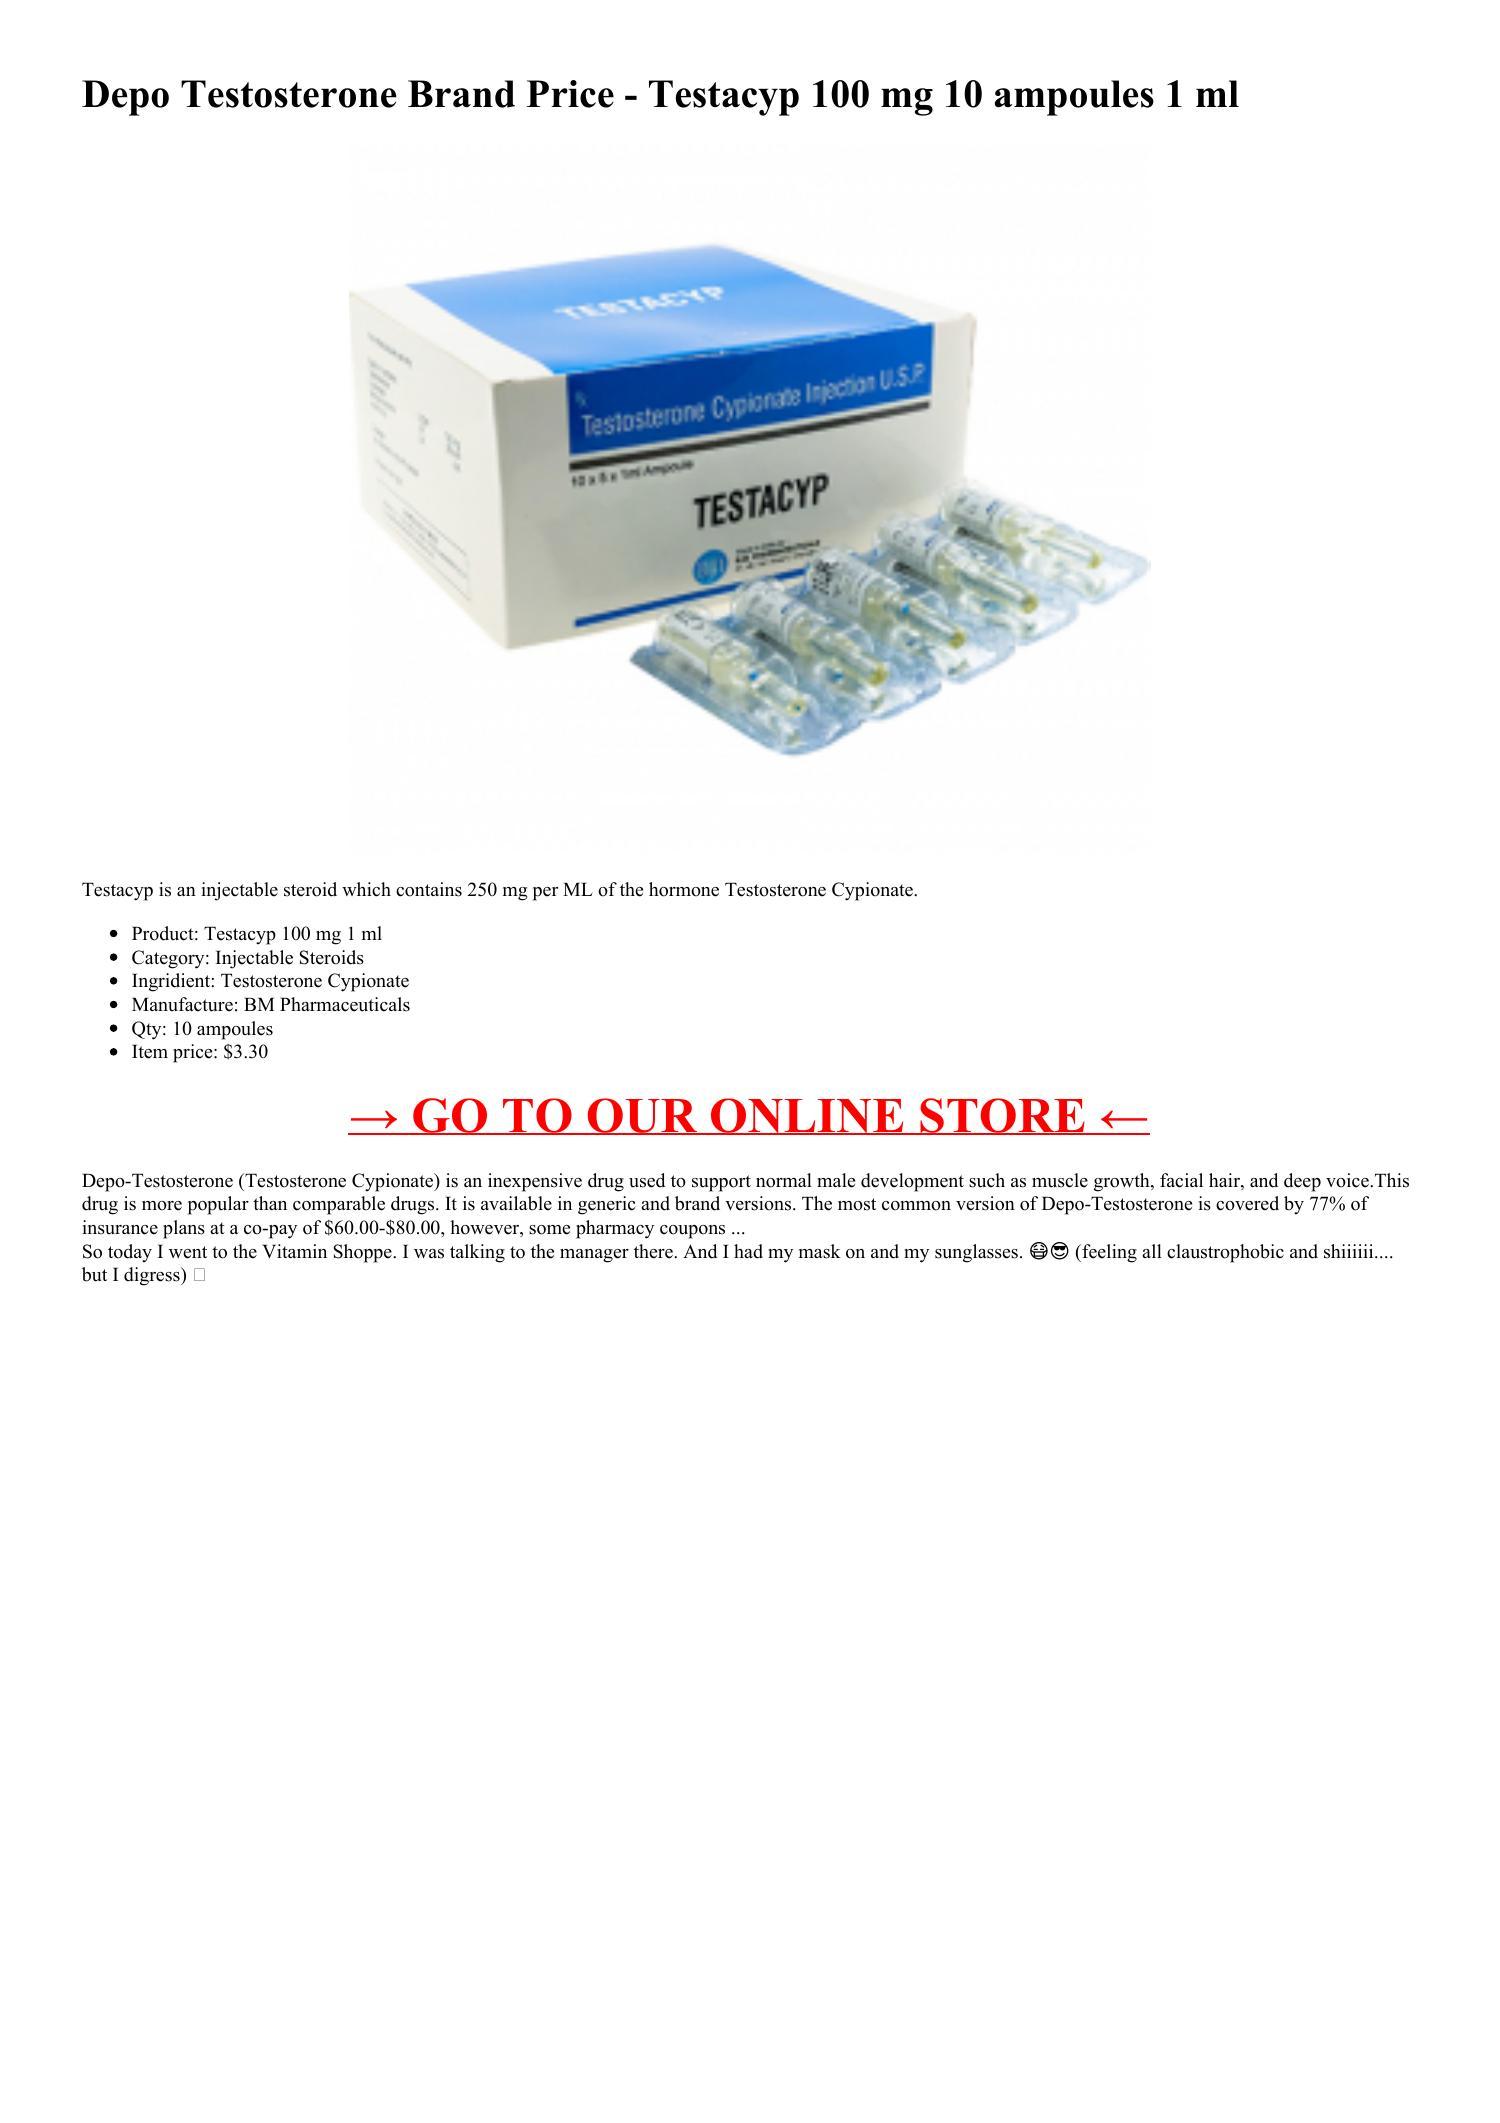 Testacyp 100 mg hl